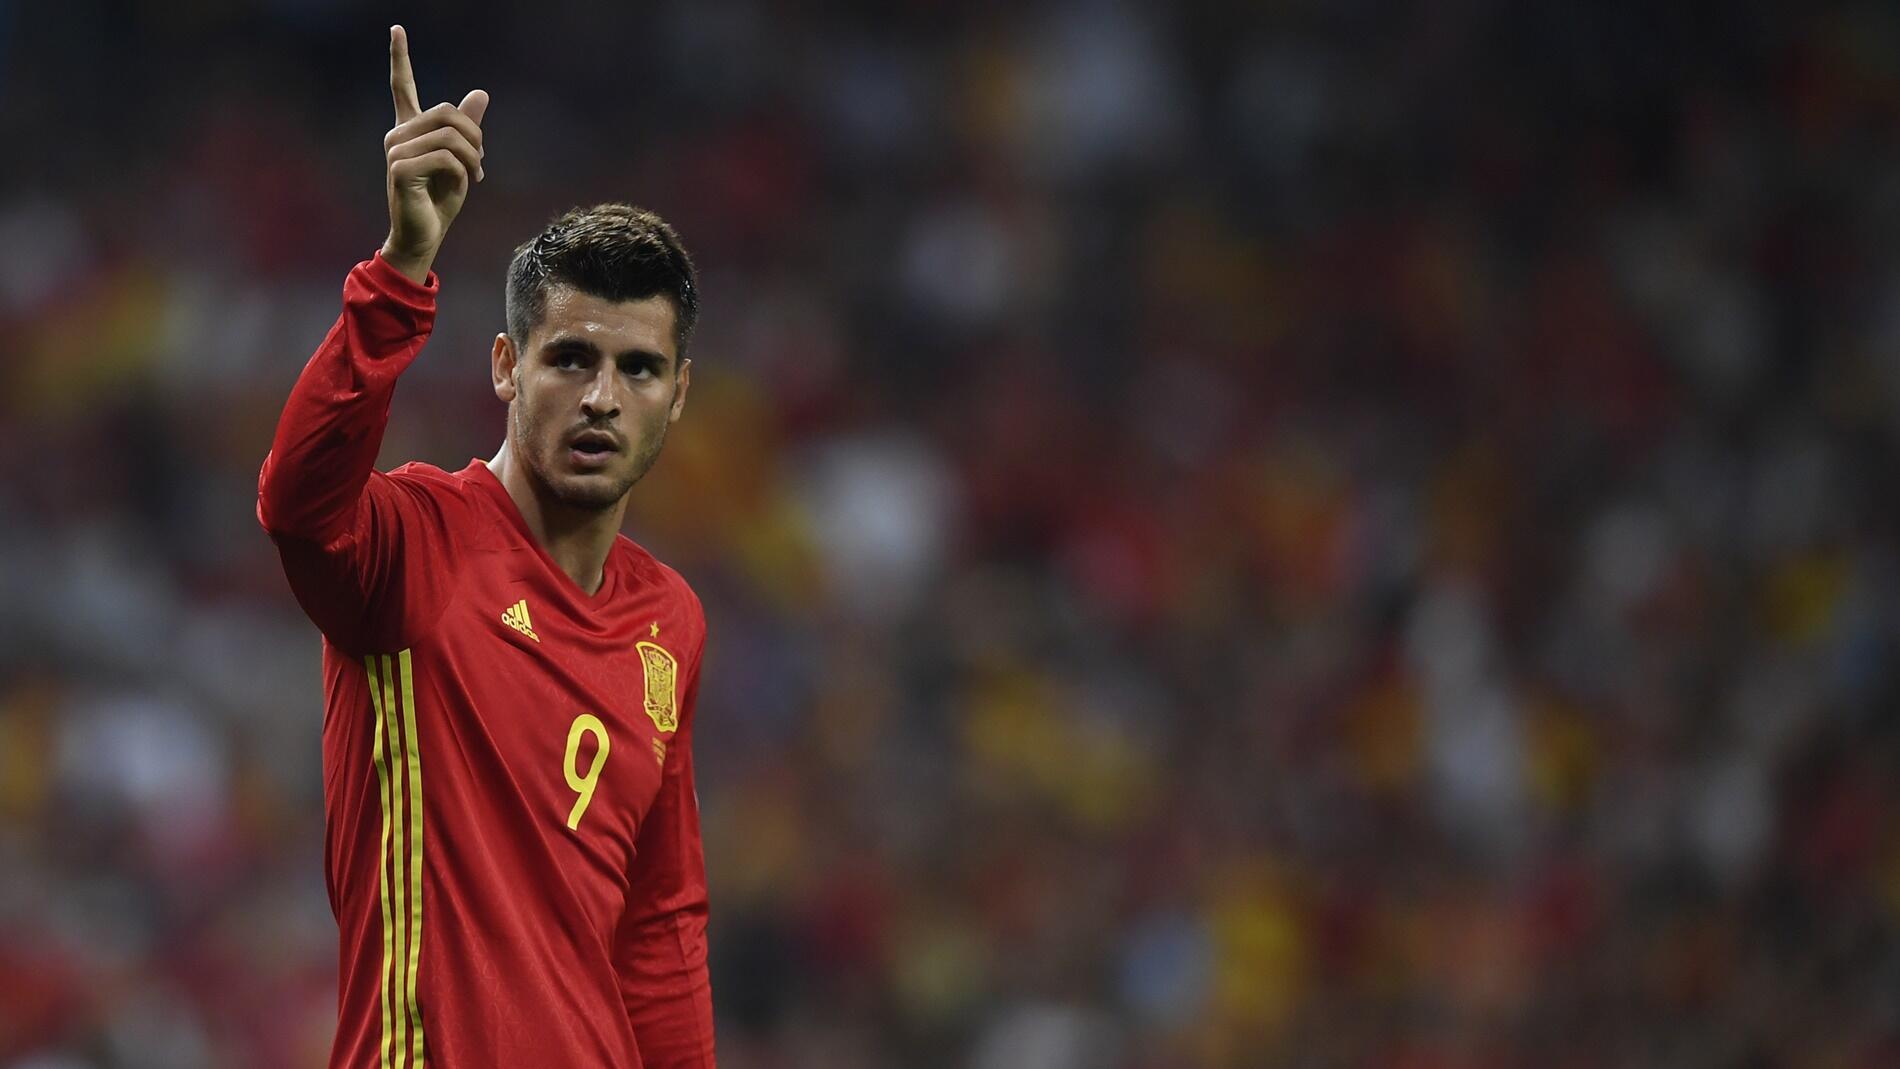 Piala Dunia 2018: Morata Belum Menyerah Rebut Tempat di Timnas